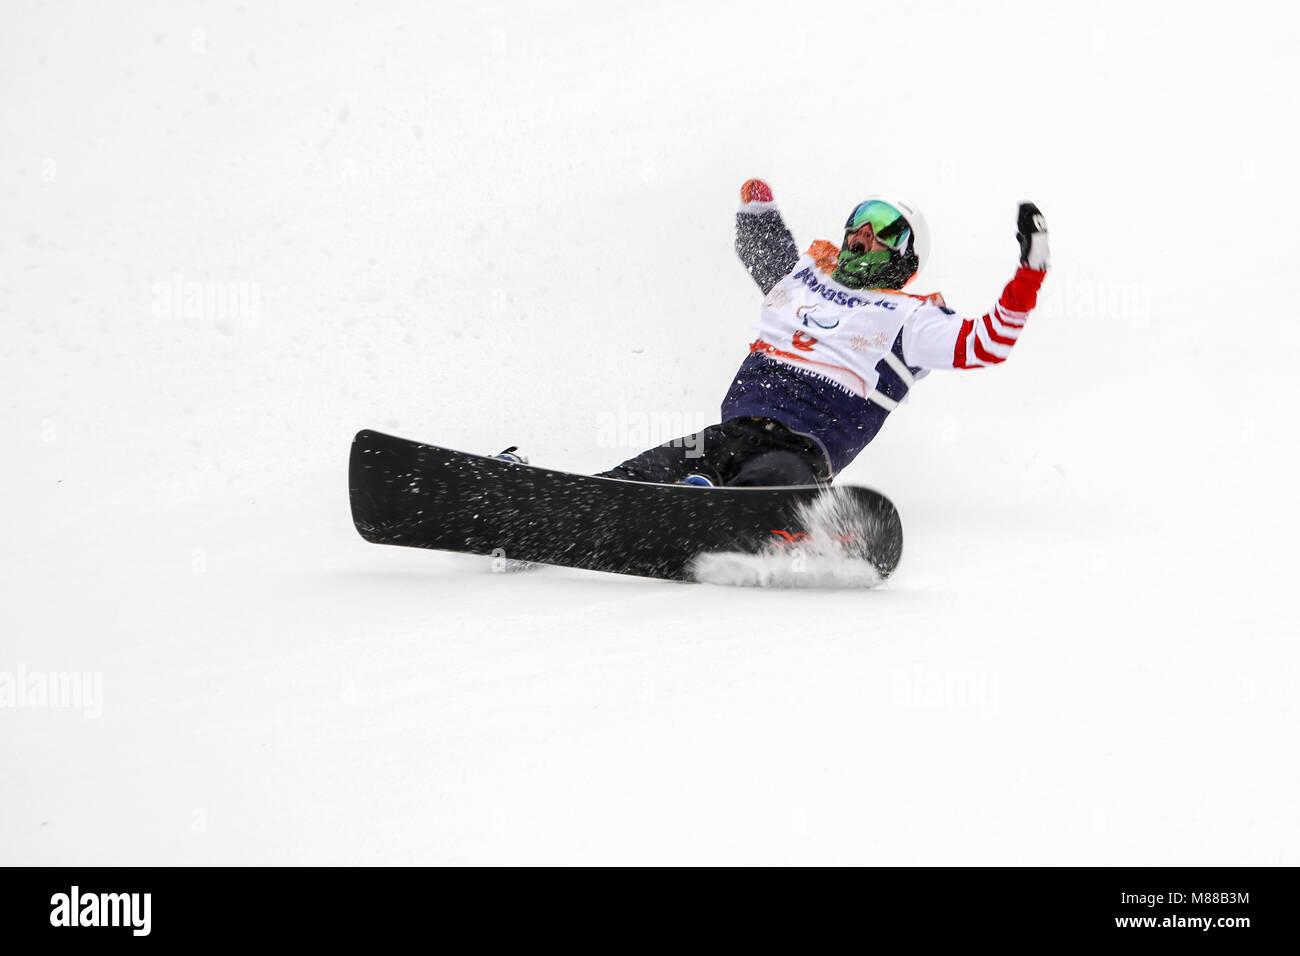 PyeongChang, South Korea. 16th March, 2018. Para Snowboard. Team USA ...